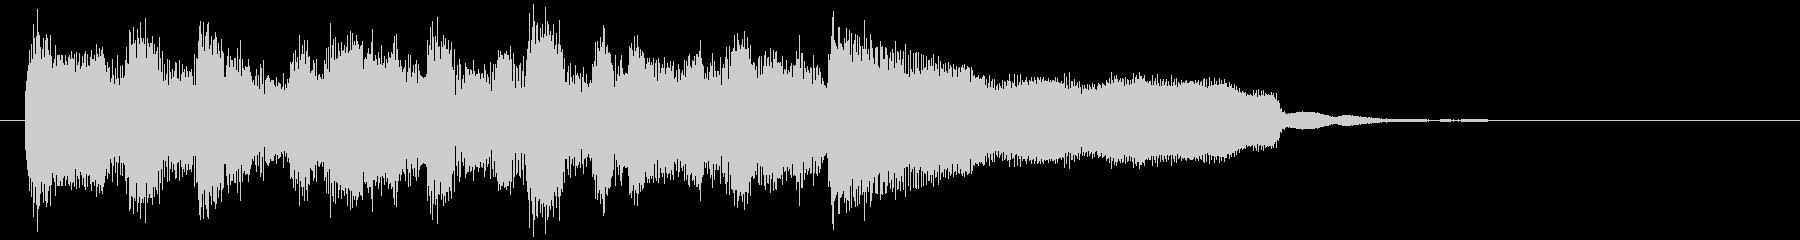 明るい、楽しいリコーダー生演奏のジングルの未再生の波形